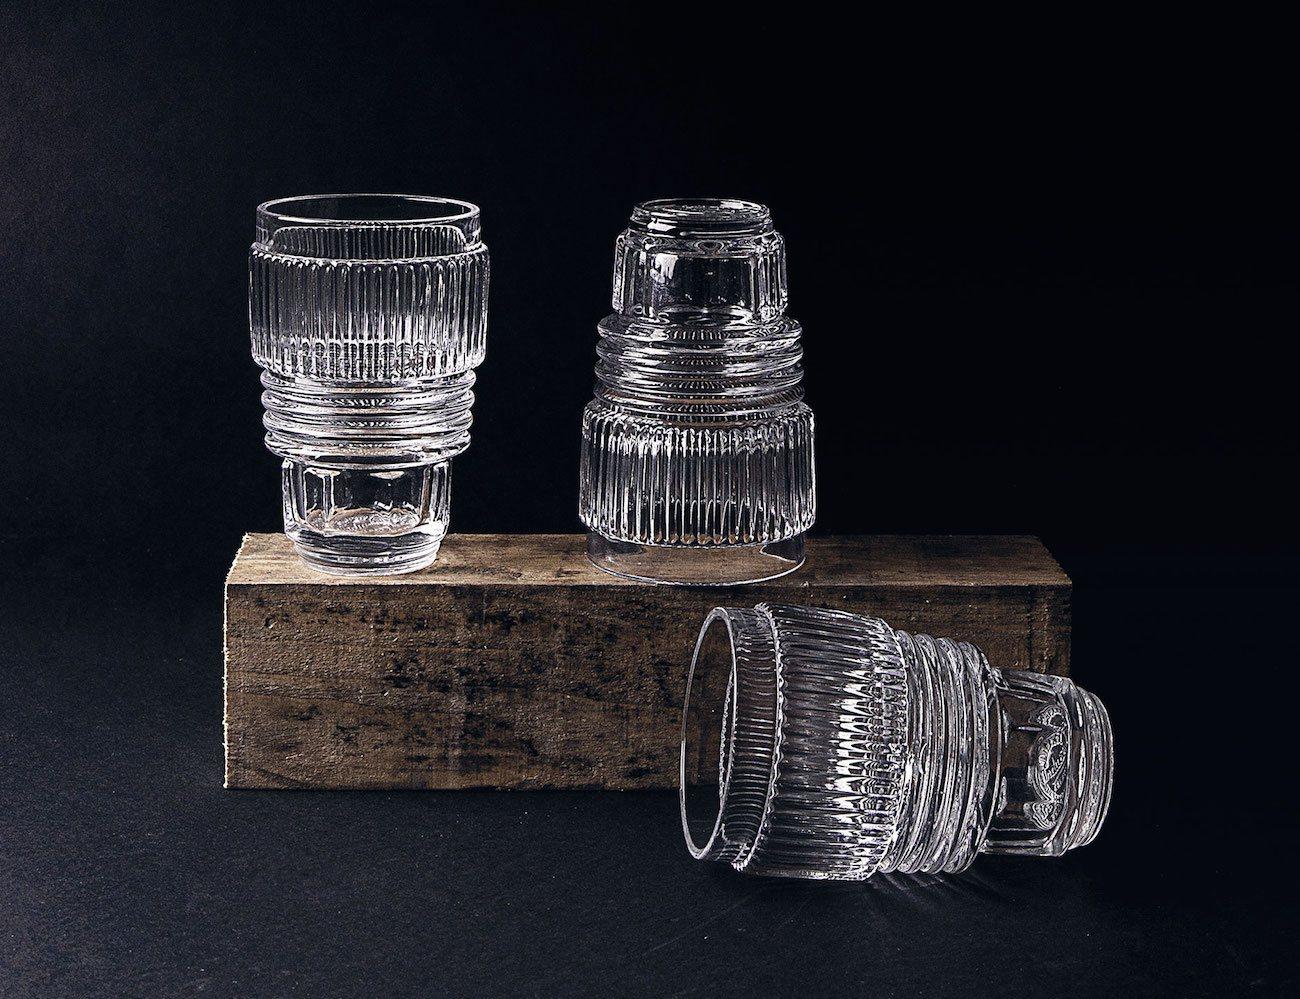 machine-glassware-by-diesel-01